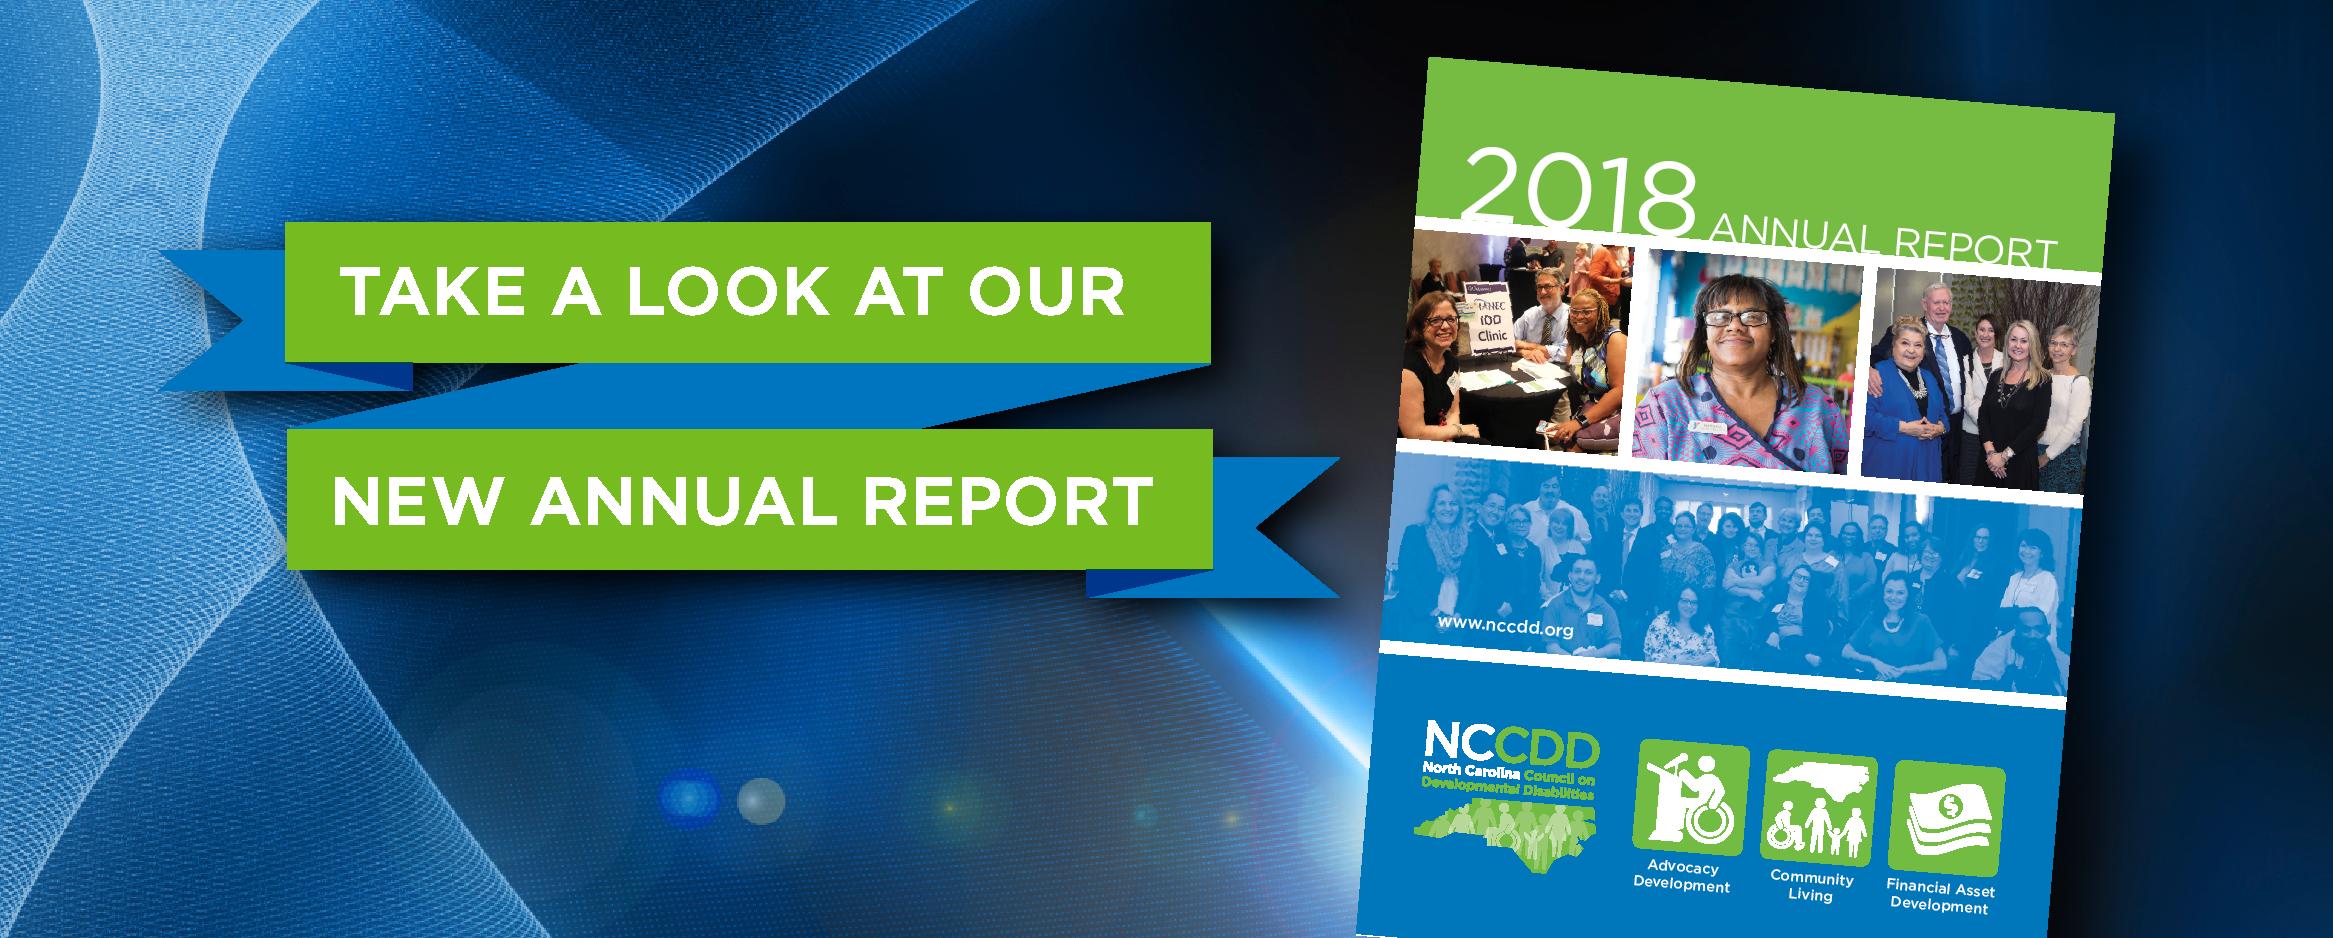 NCCDD 2018 Annual Report